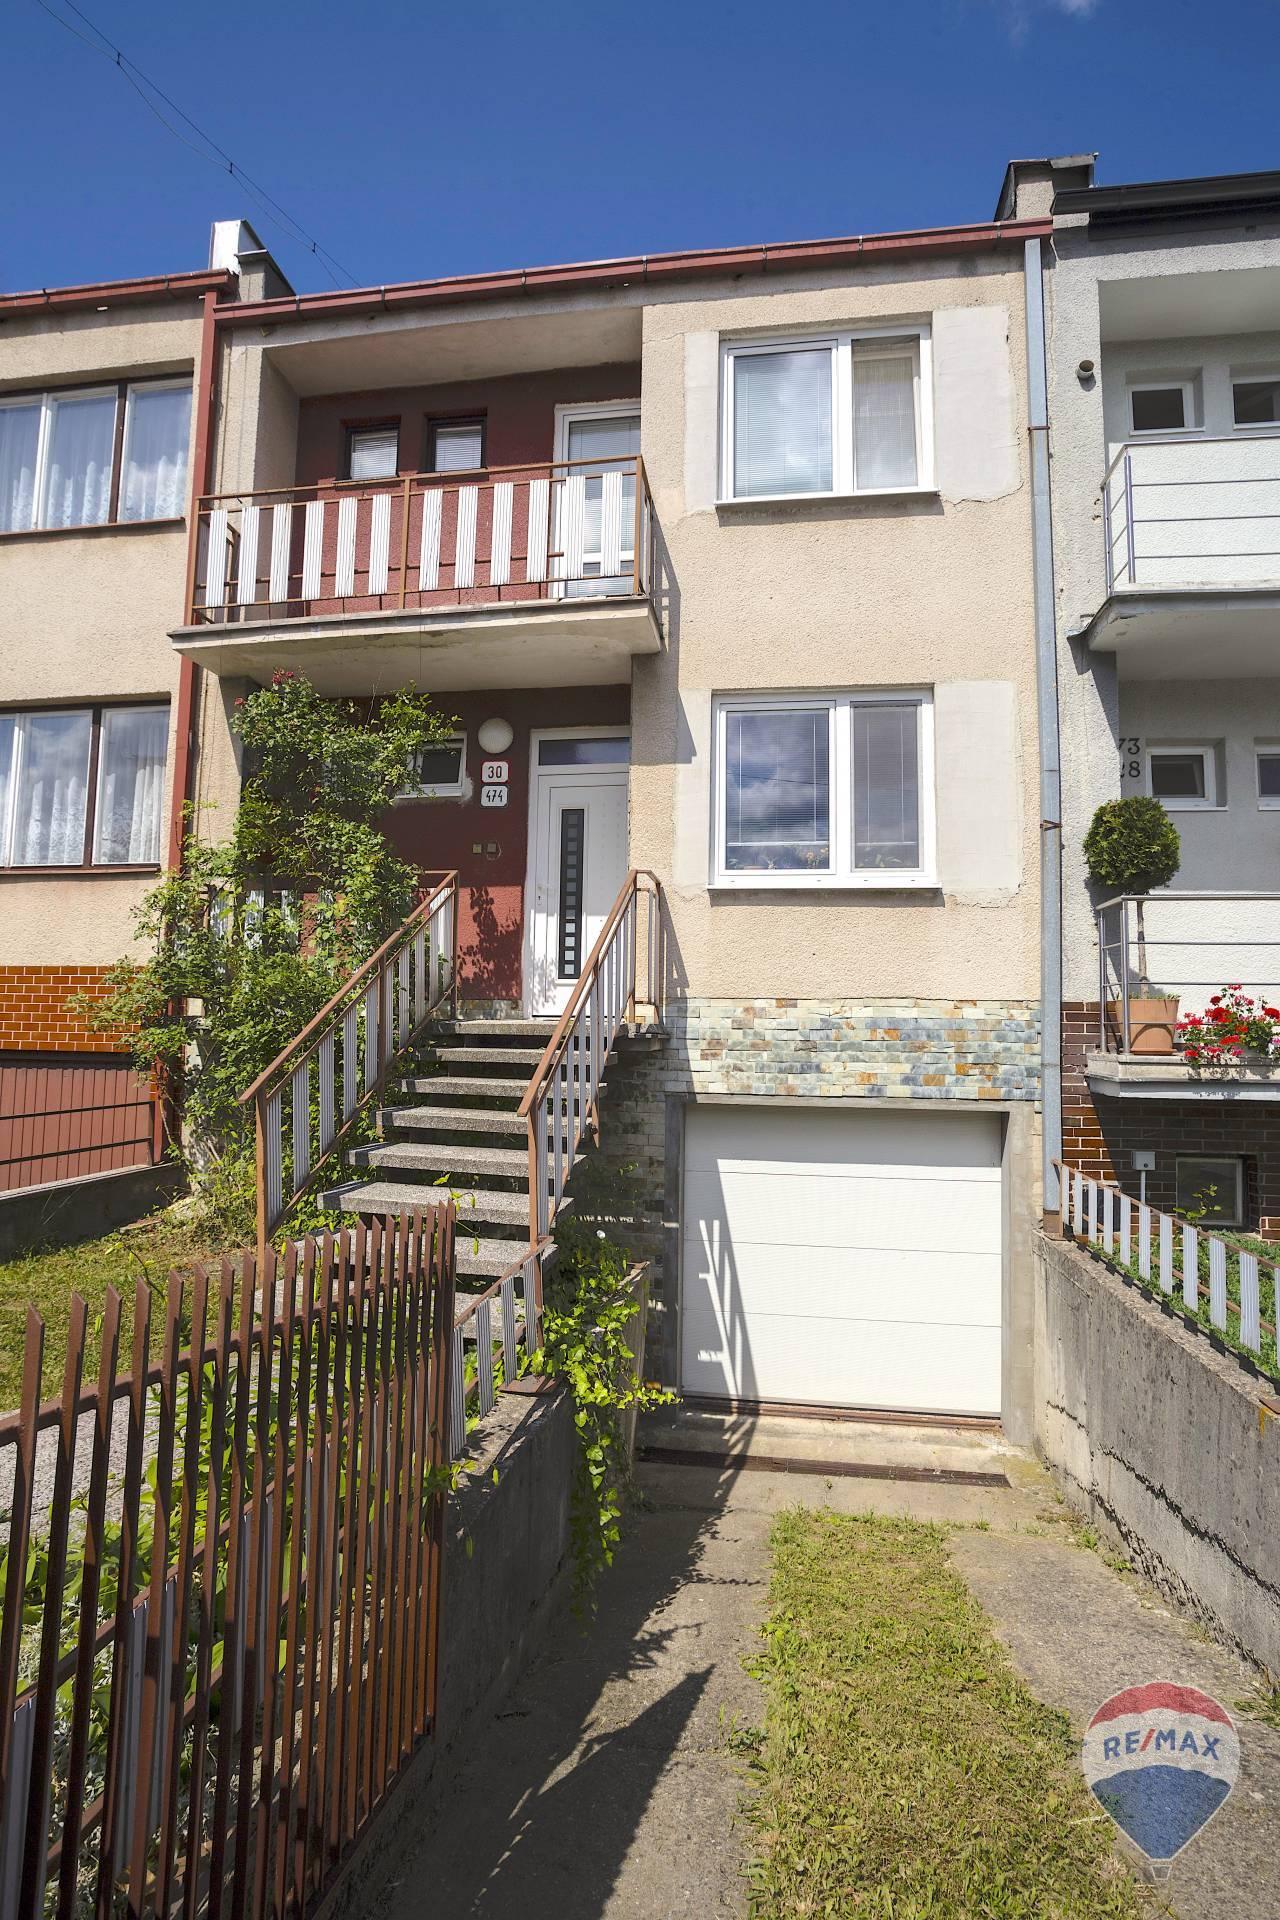 RE/MAX ponúka na predaj rodinný dom s pozemkom 275m2, Nová Dubnica